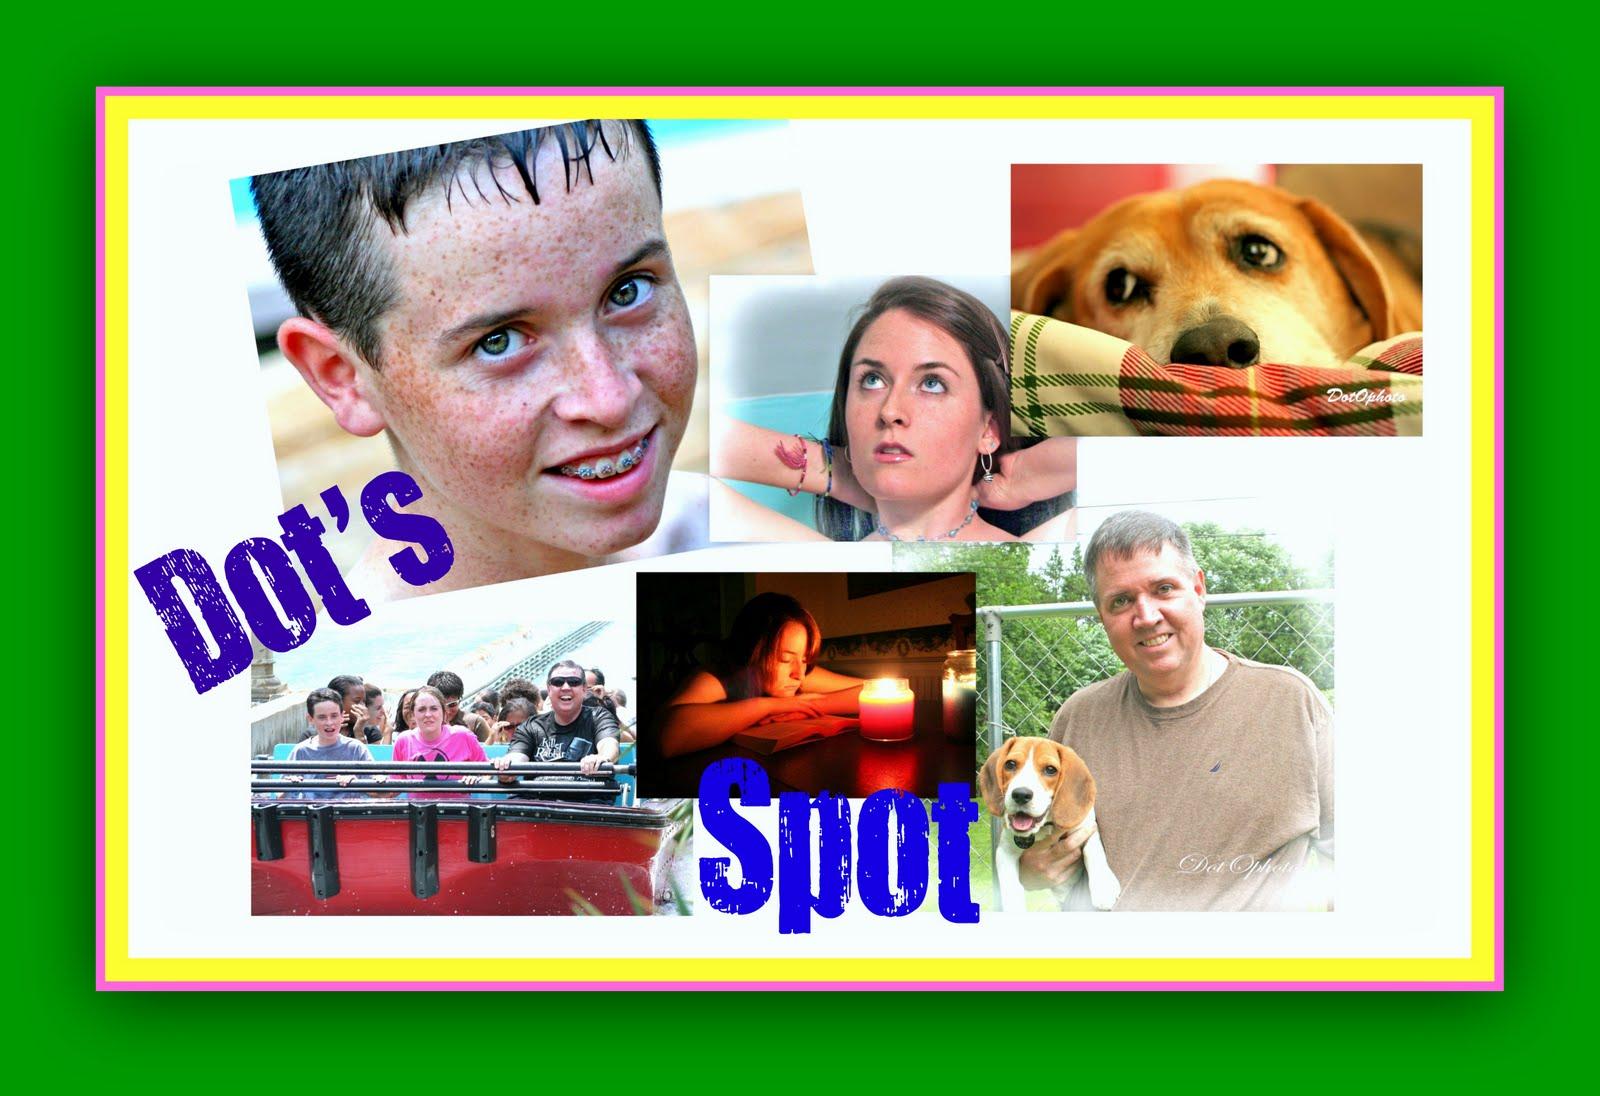 Dot's Spot